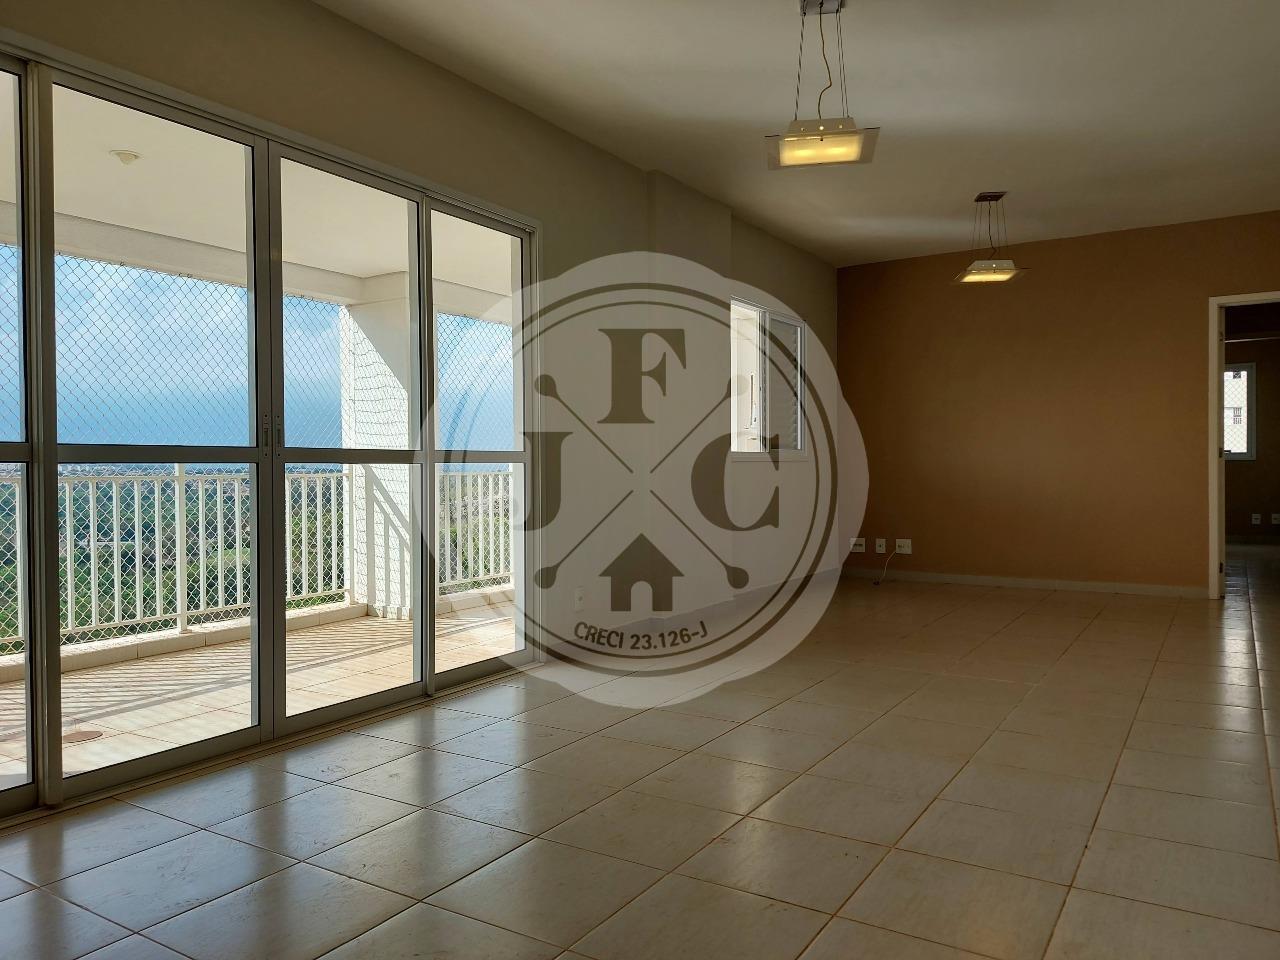 Exclusivo apartamento à venda com 128m² frente ao Shopping Iguatemi.